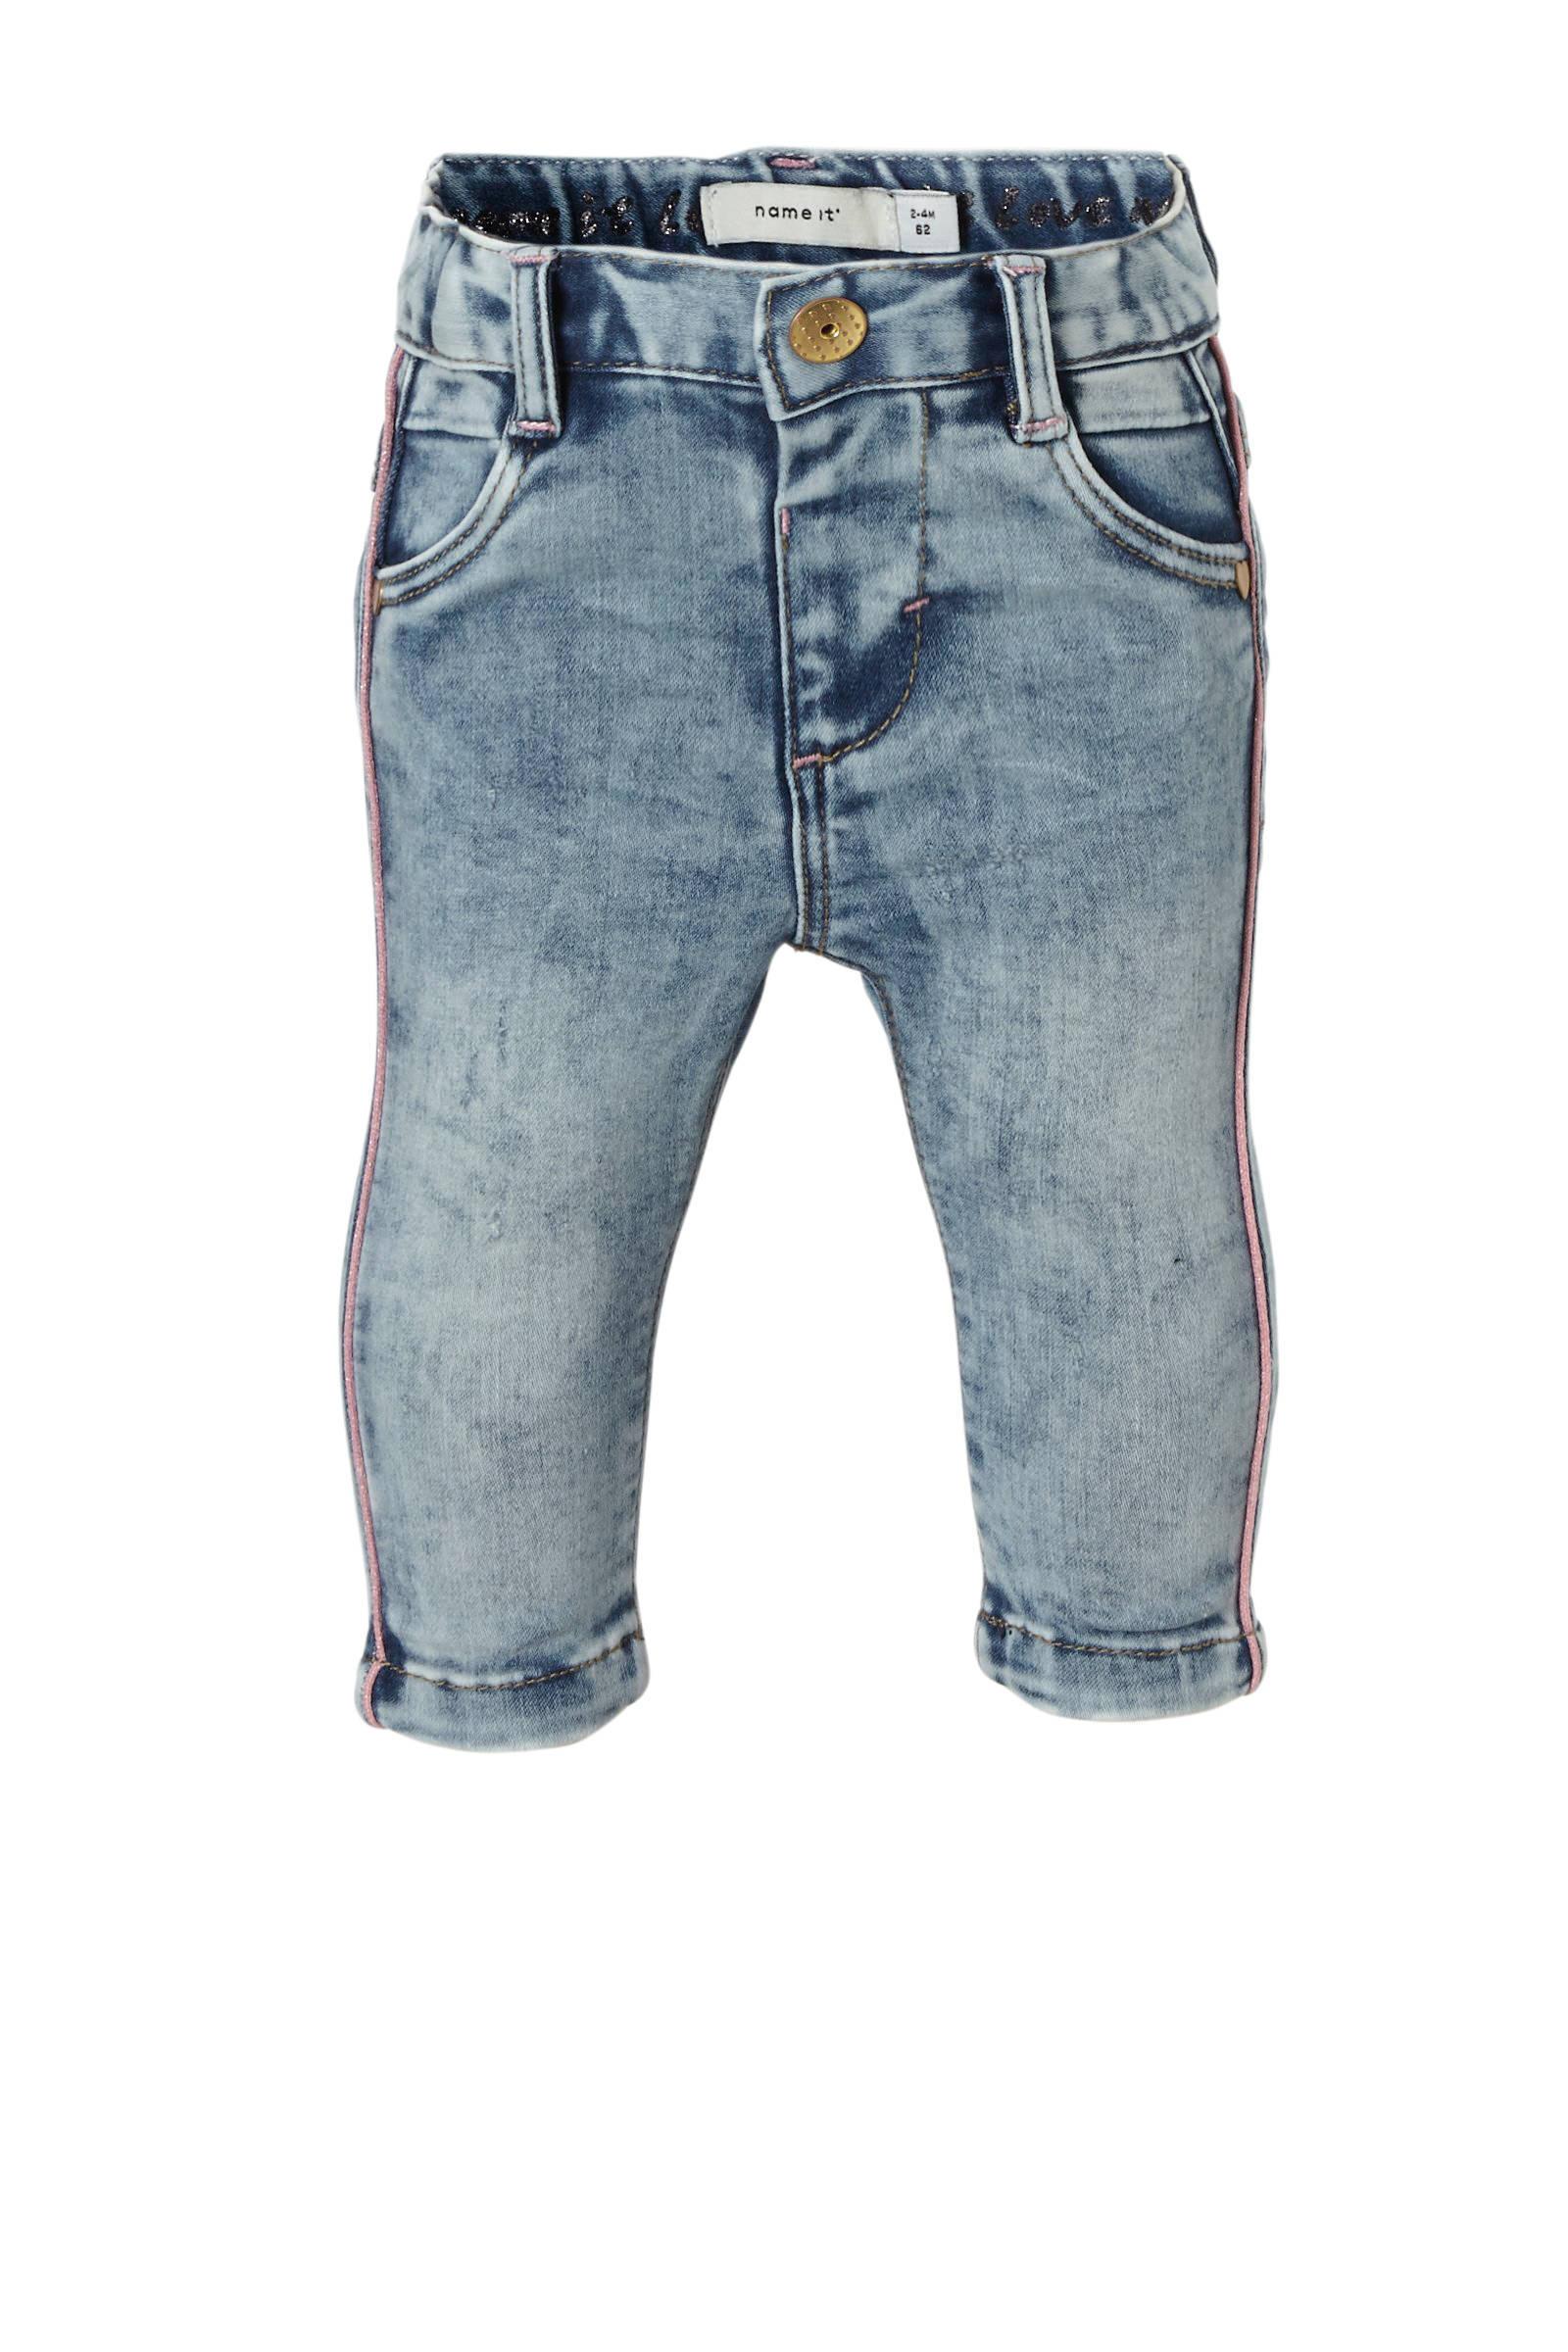 baby spijkerbroek maat 50